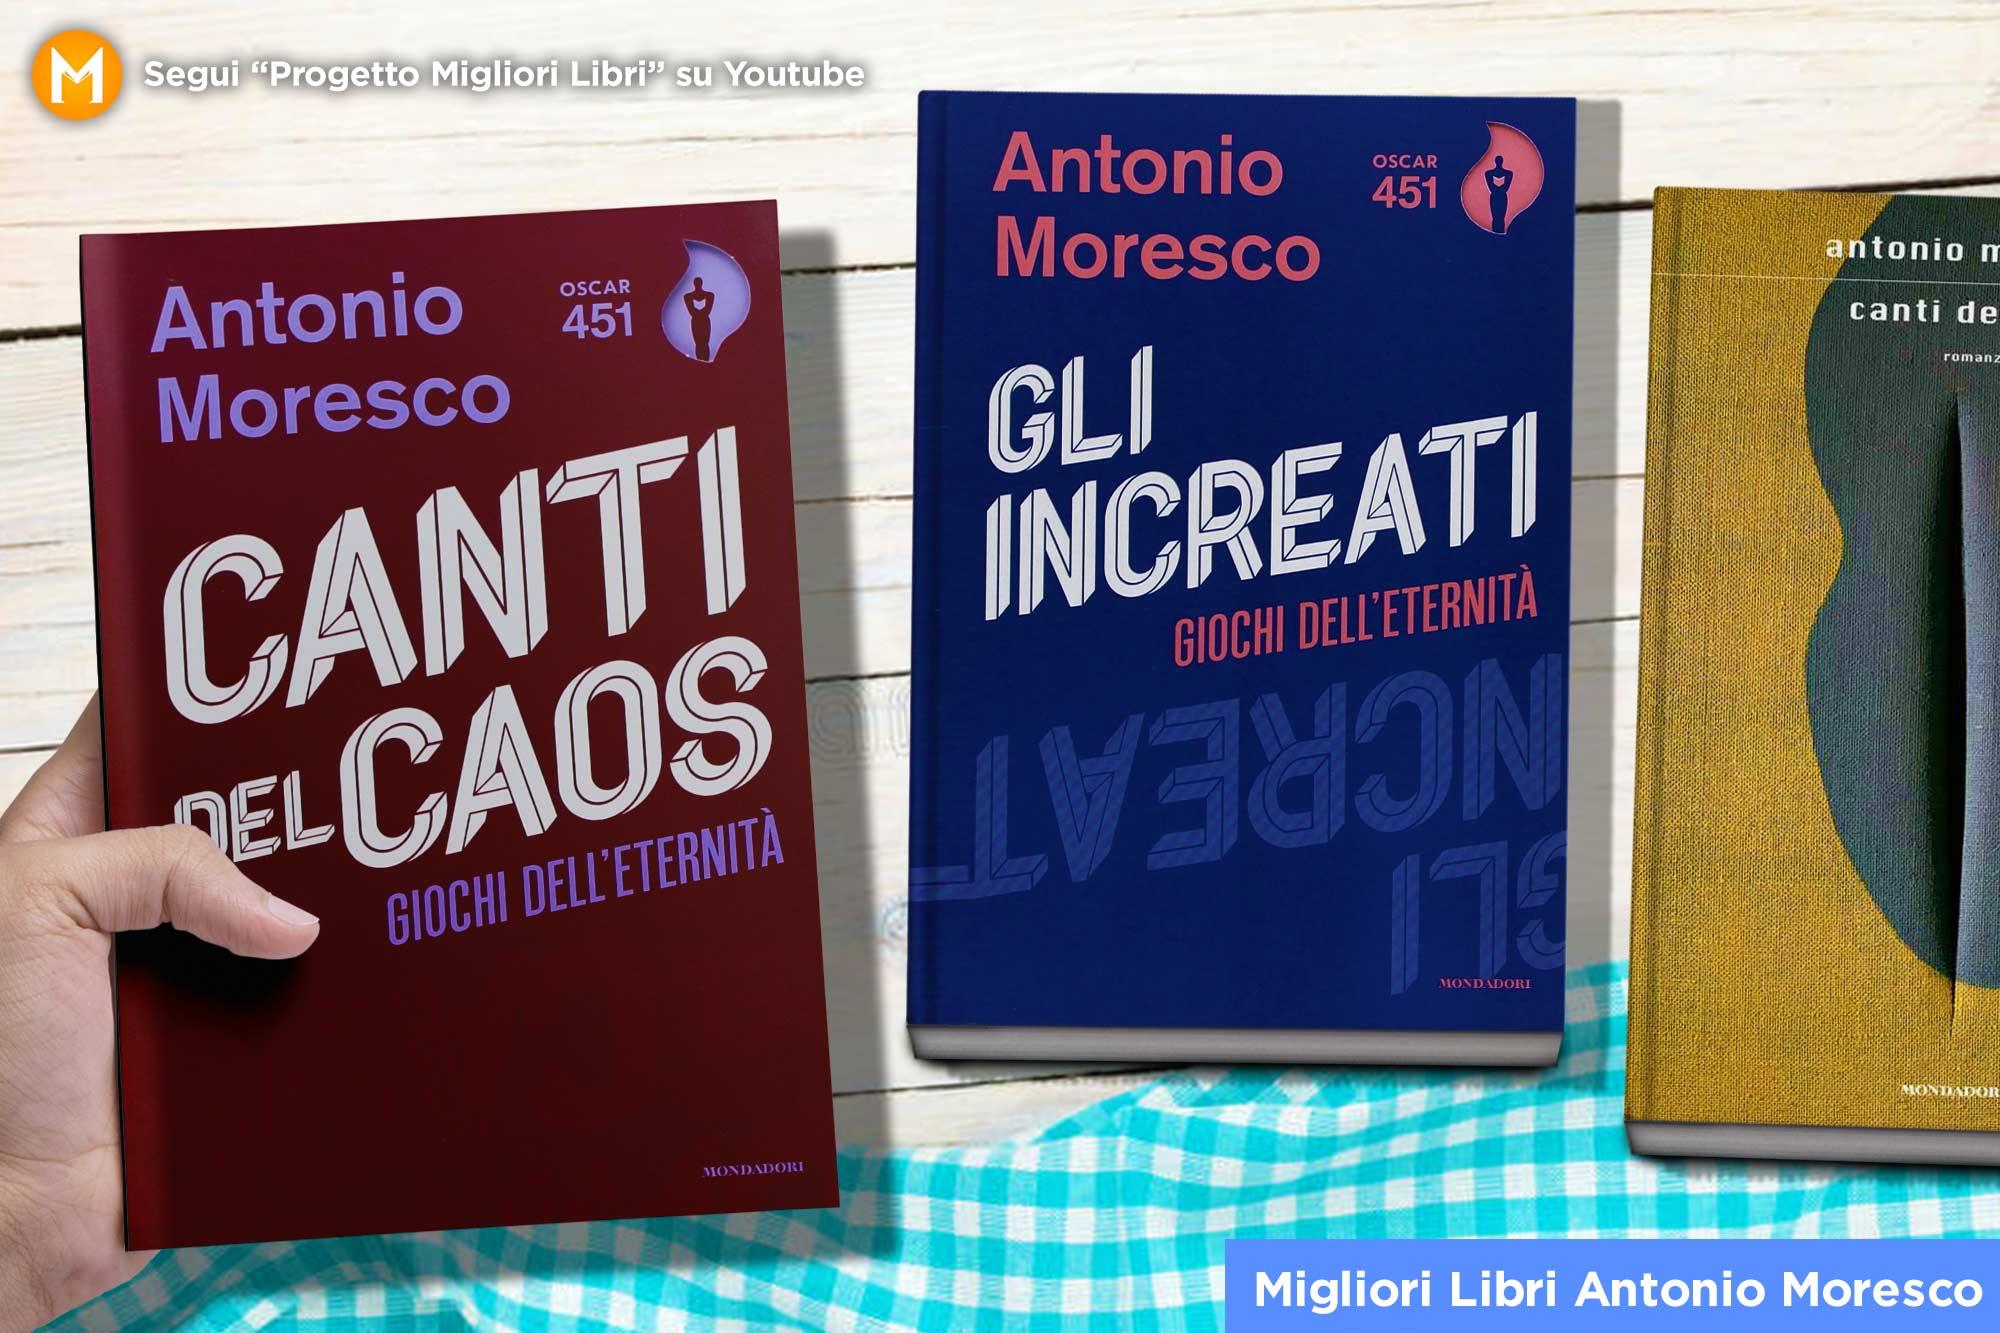 migliori-libri-antonio-moresco